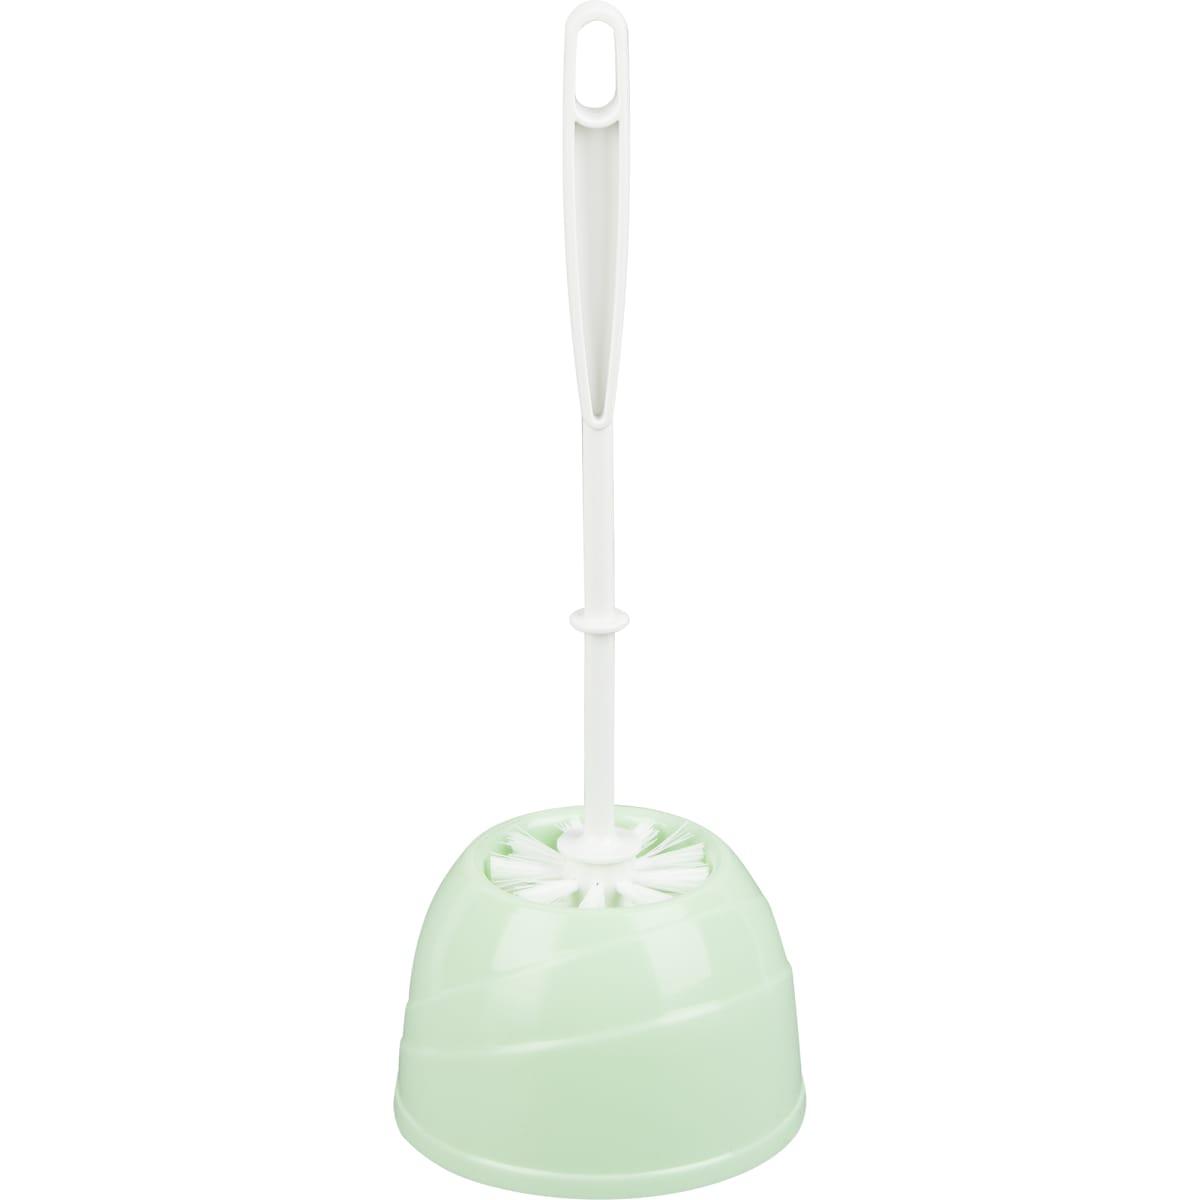 Ёршик для унитаза Berossi «Aqua» цвет зеленый